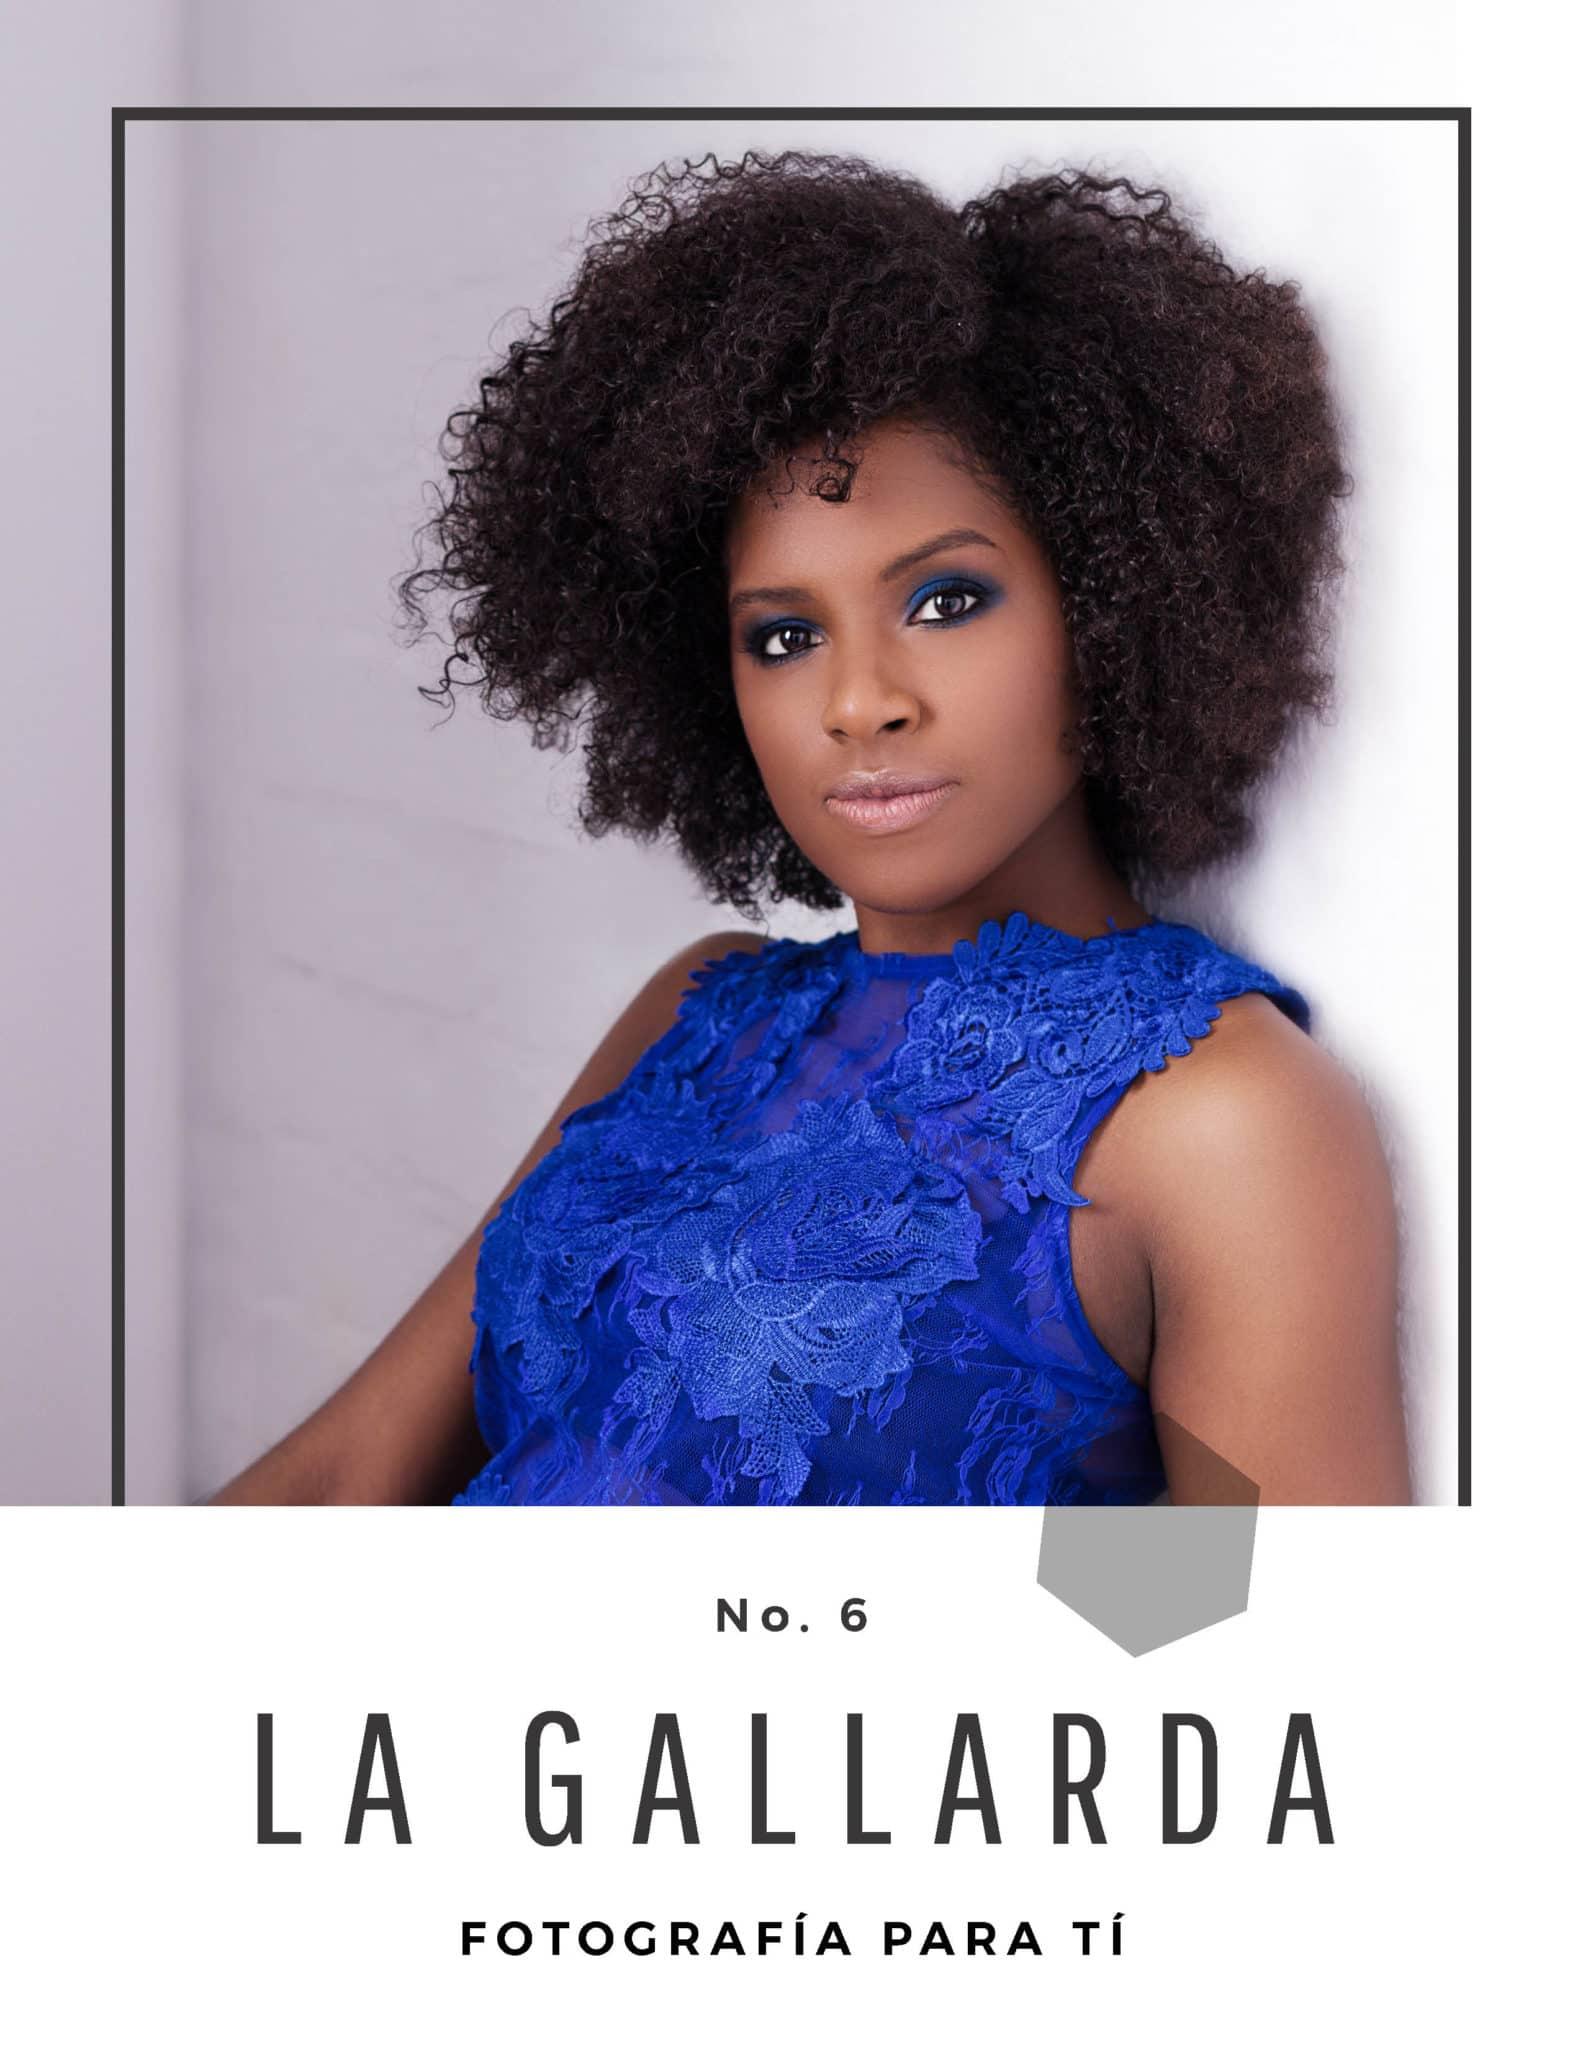 Magazine Nr. 6 Book Moda Modelo Fotografía para modelos La Gallarda Fotografía Retrato Boudoir Bebé Familia Newborn Espacios Málaga Malaga Marbella Alhaurin de la Torre